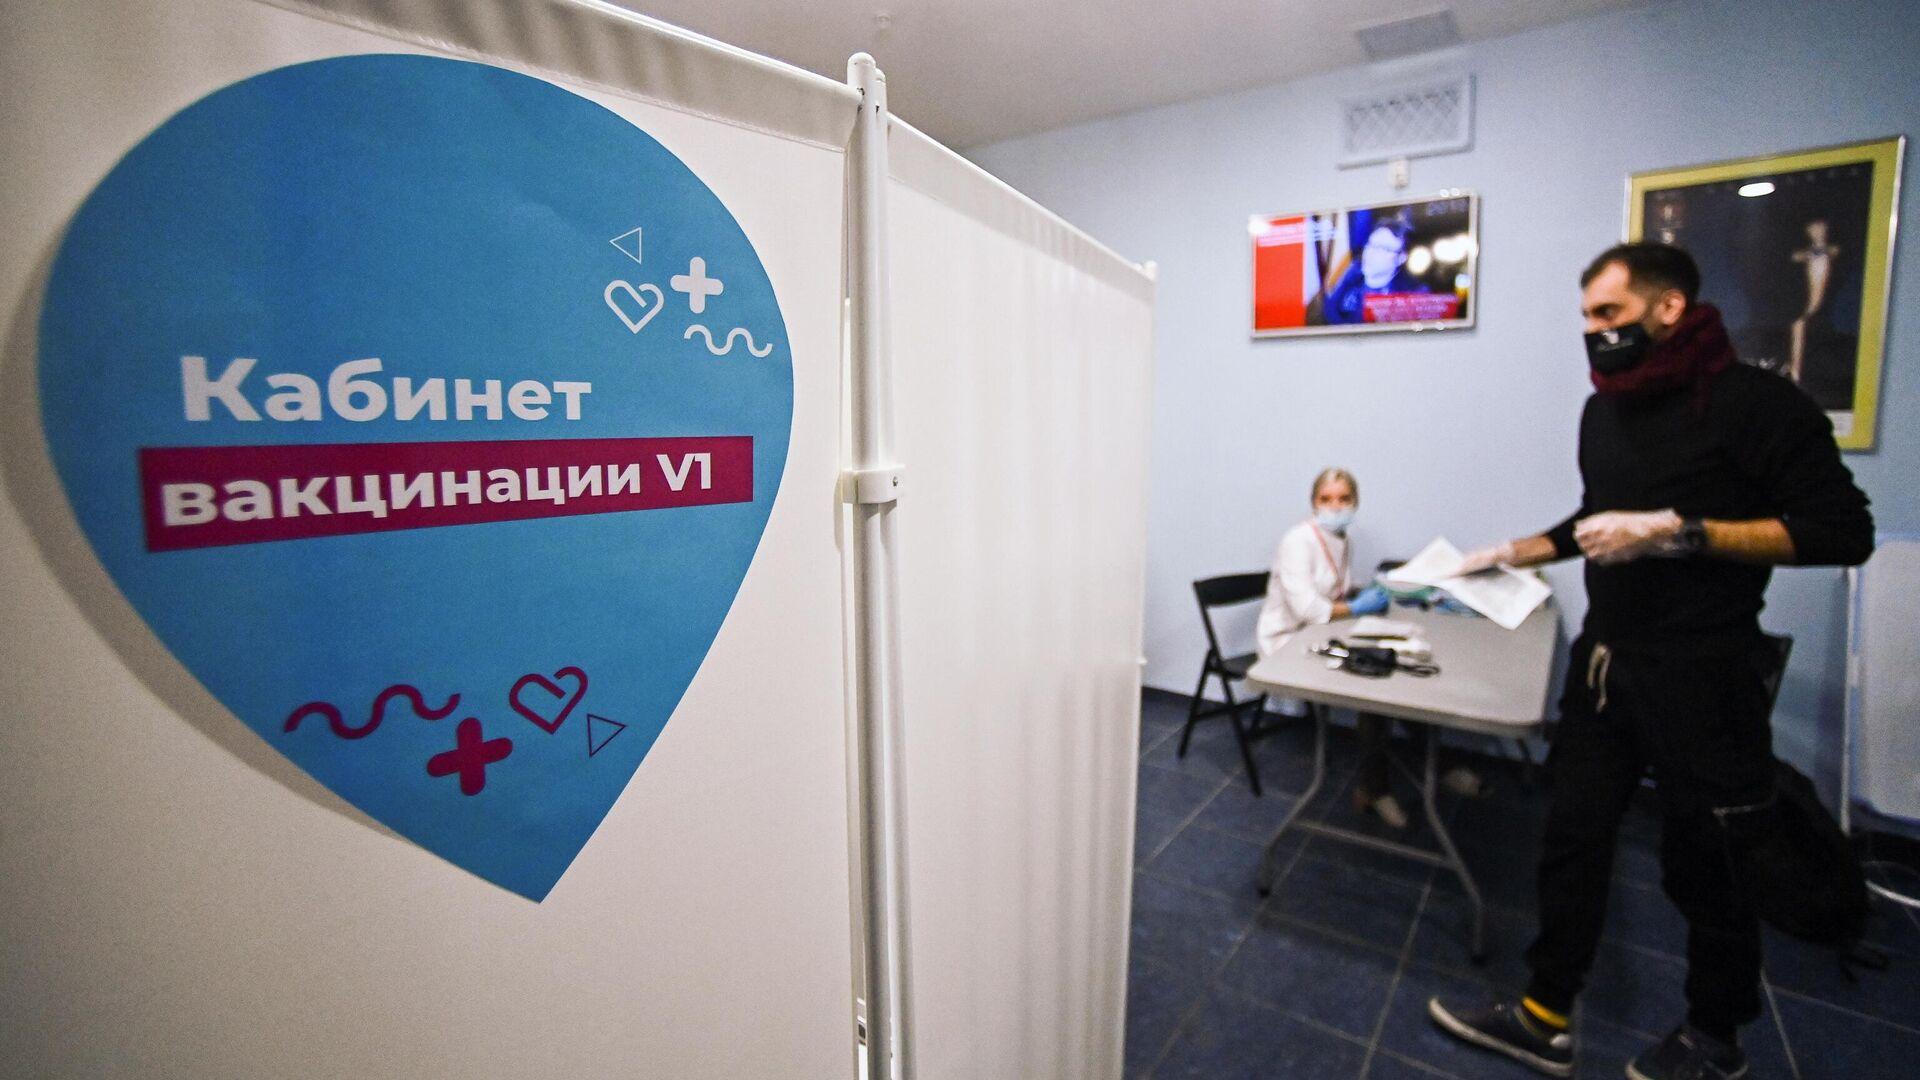 Мужчина в кабинете вакцинации в театре Геликон-Опера в Москве - РИА Новости, 1920, 25.01.2021